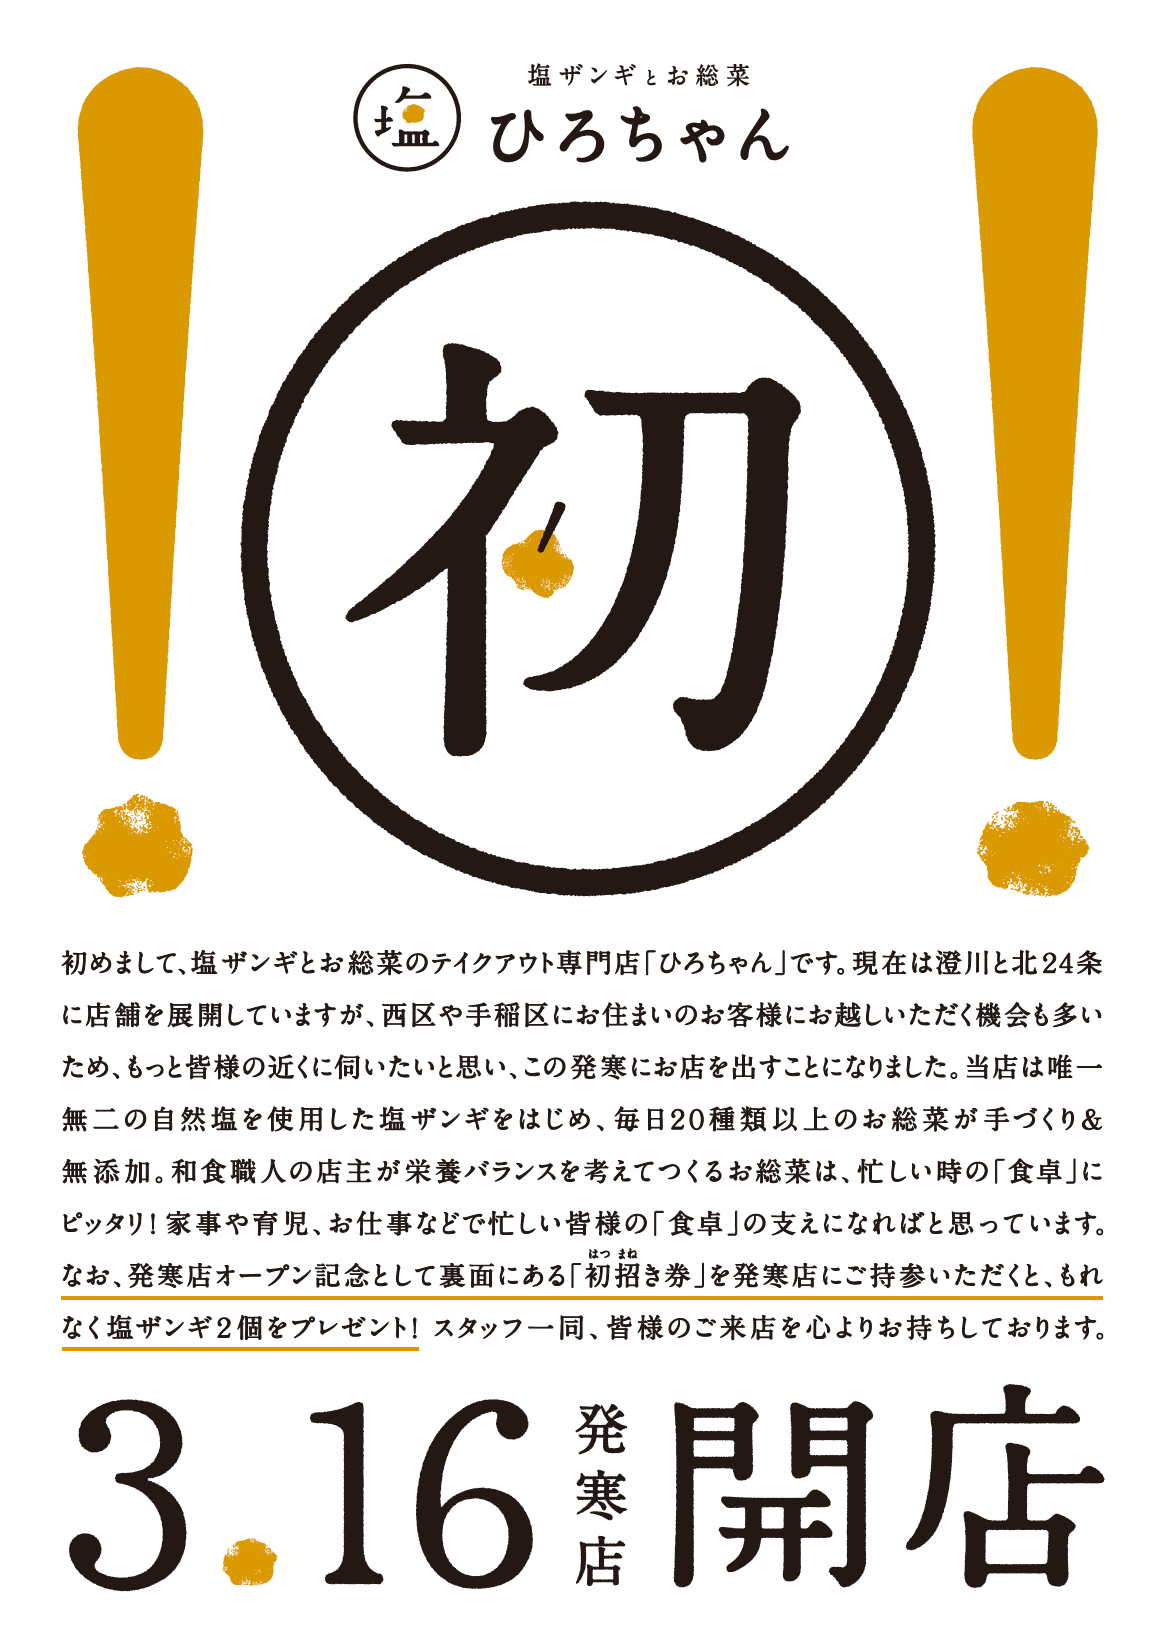 塩ザンギとお総菜 ひろちゃん 発寒店オープンのポスター(表)